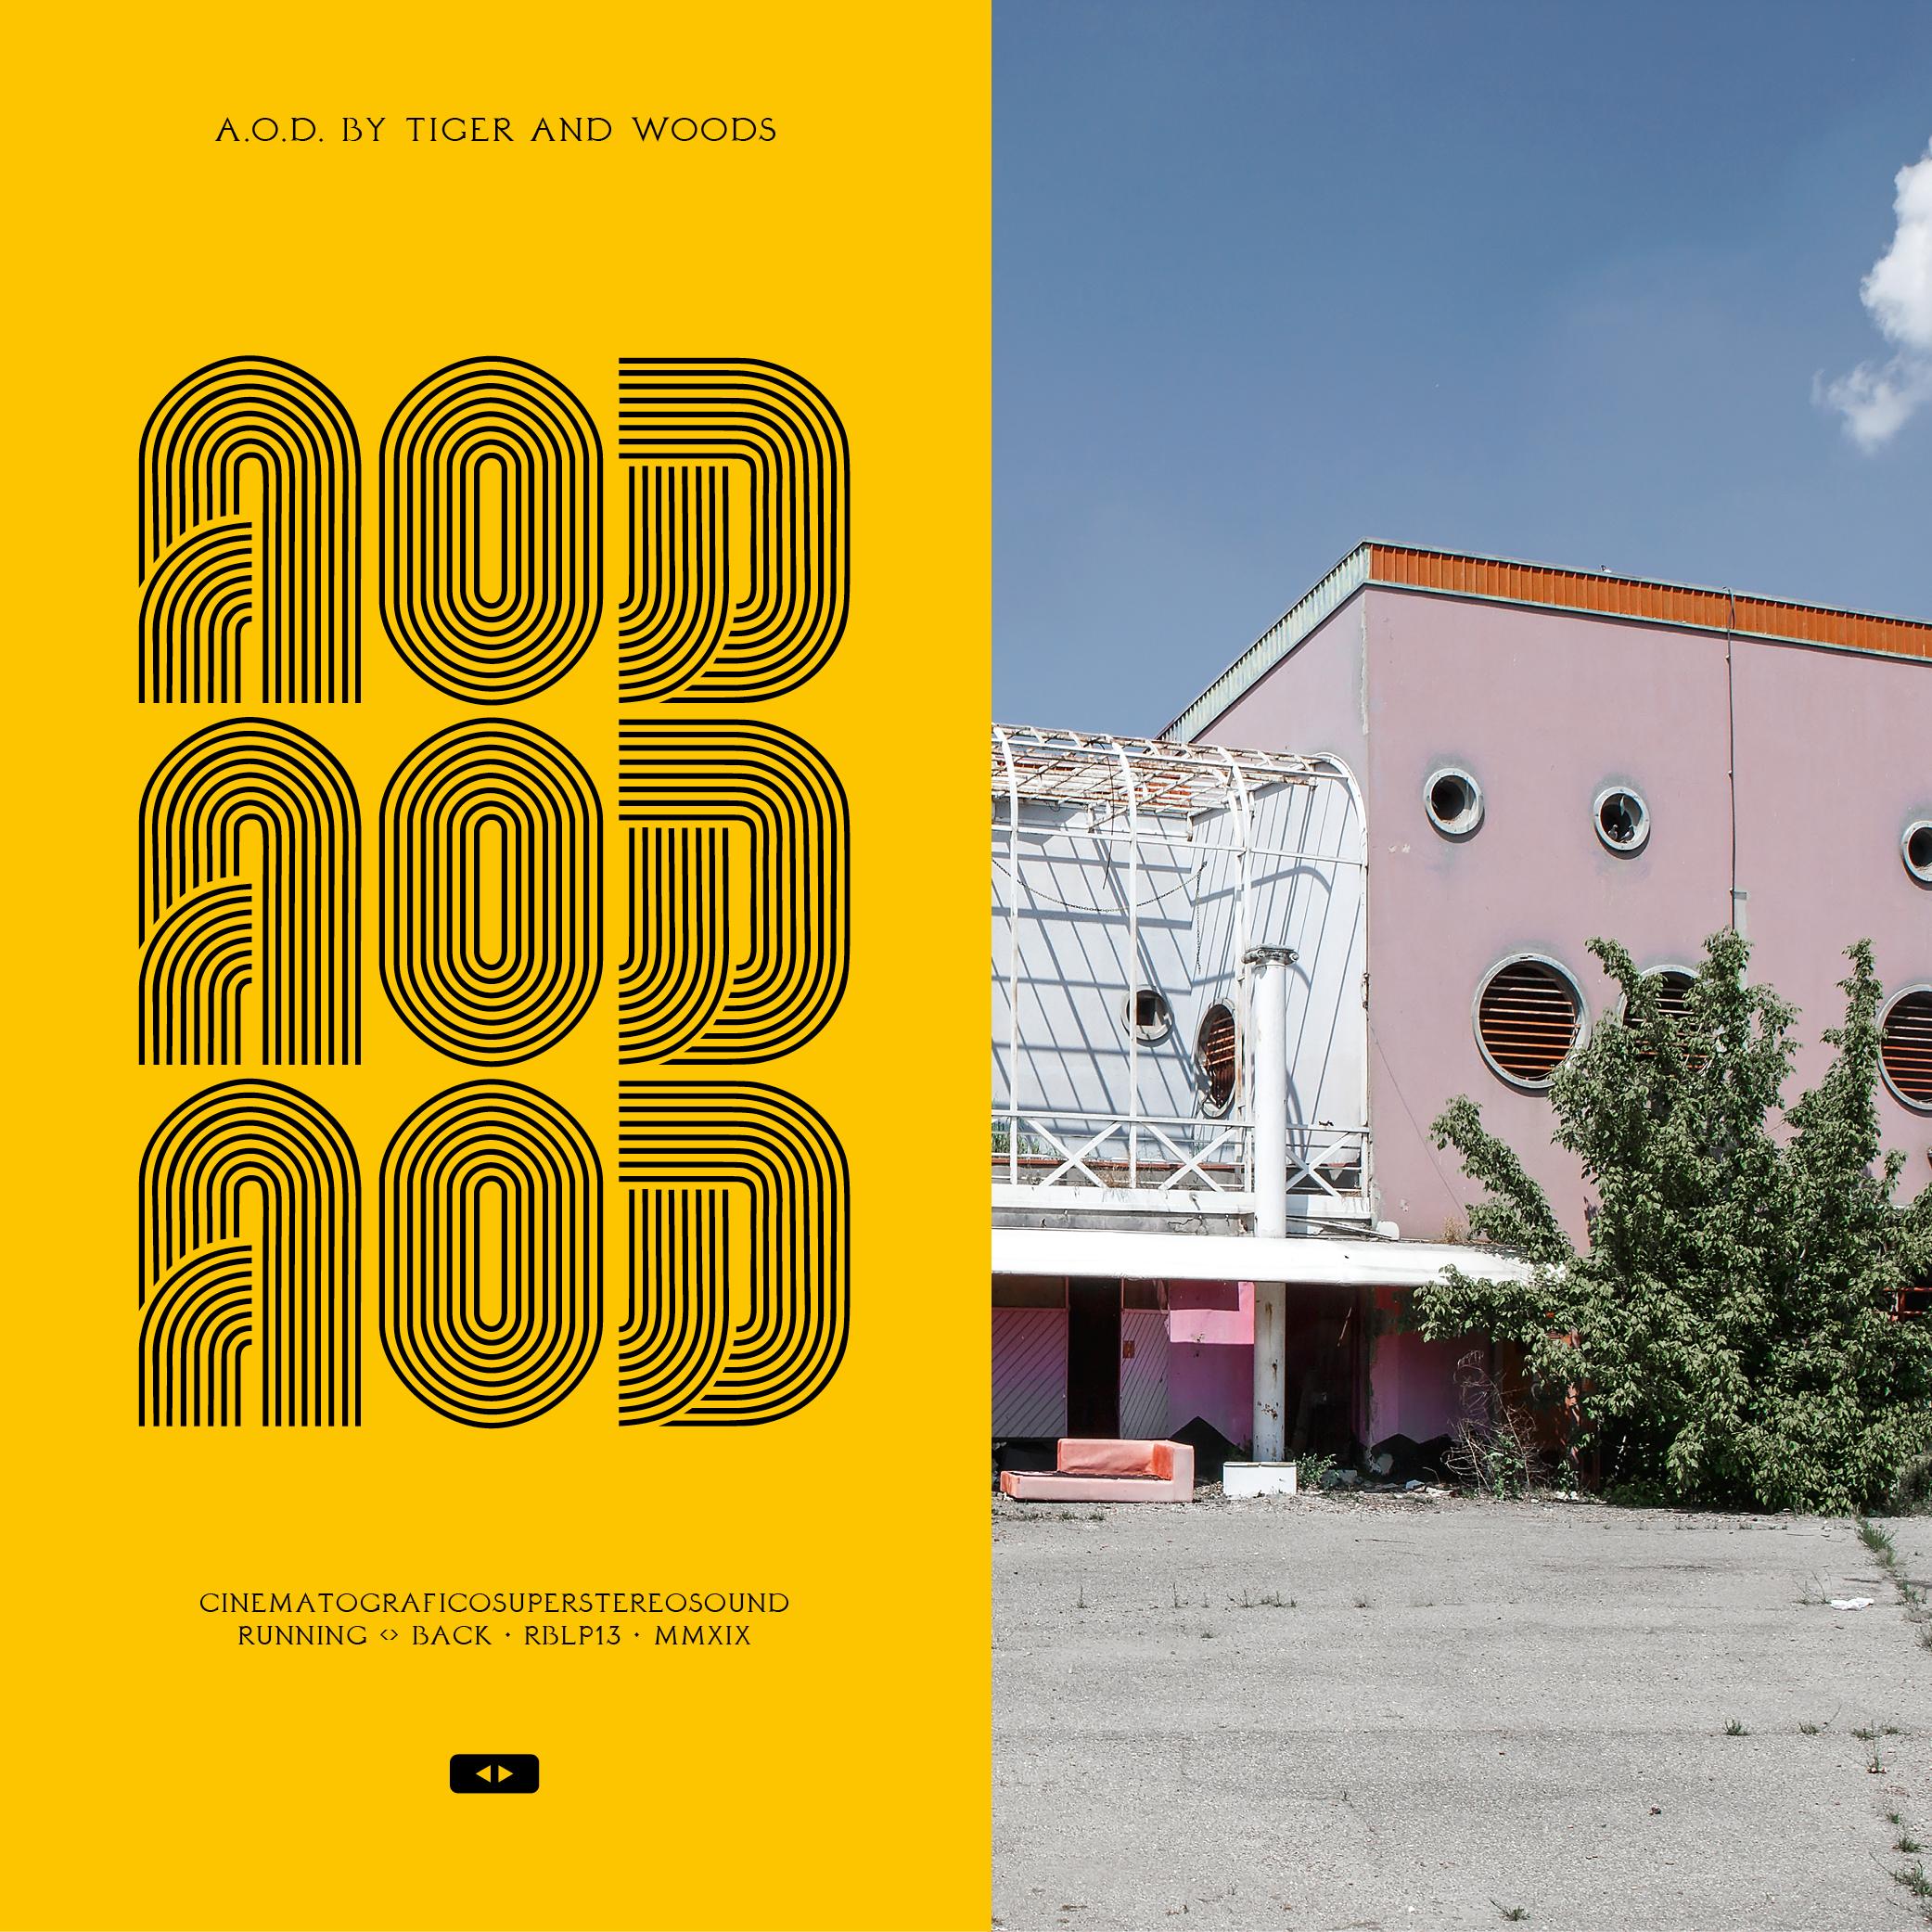 Tiger & Woods - A.O.D